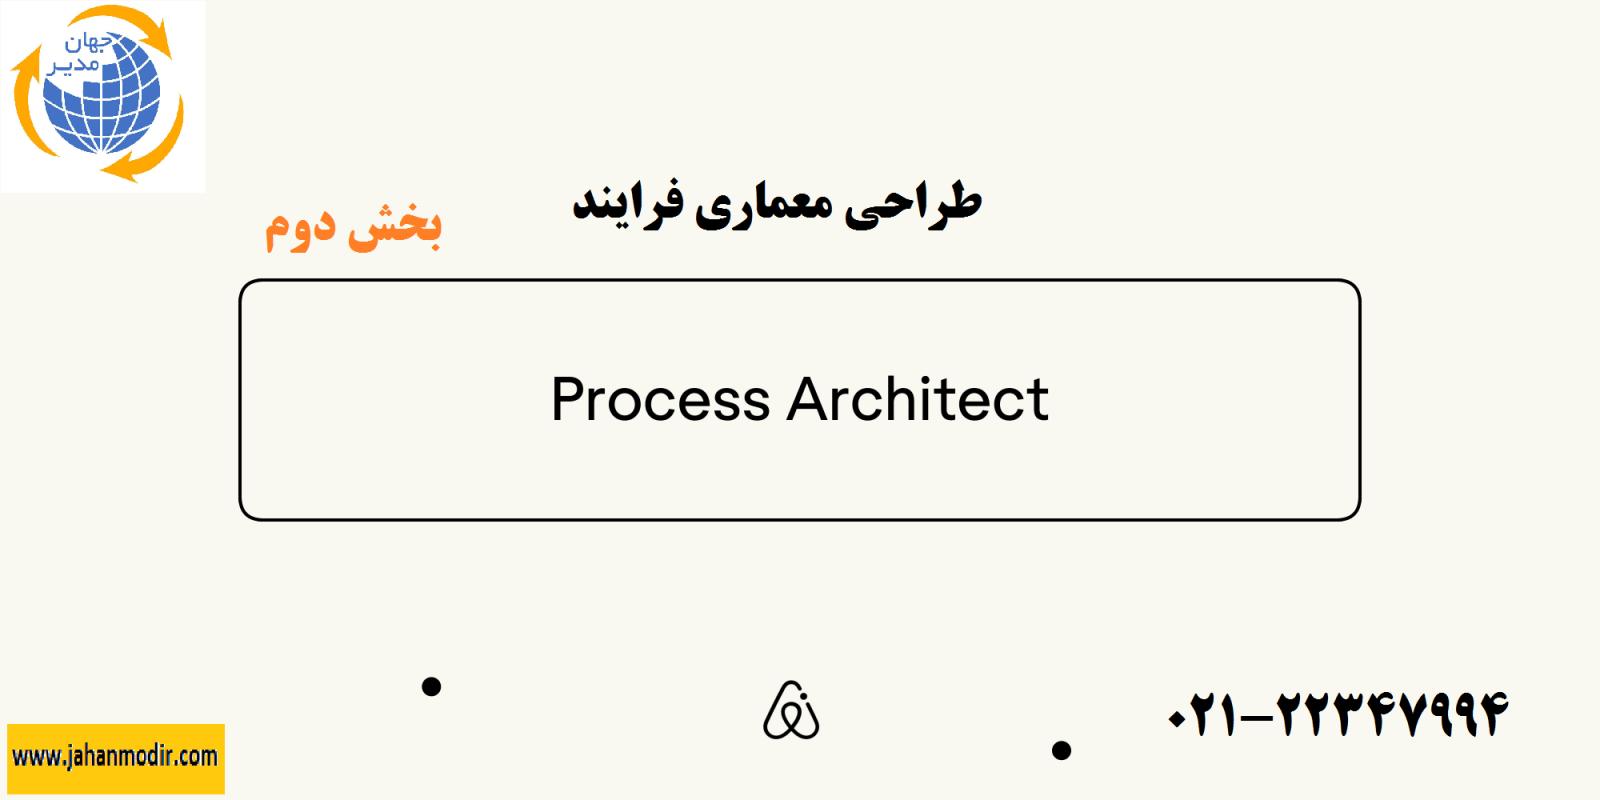 طراحی معماری فرآیندهای کسب و کار